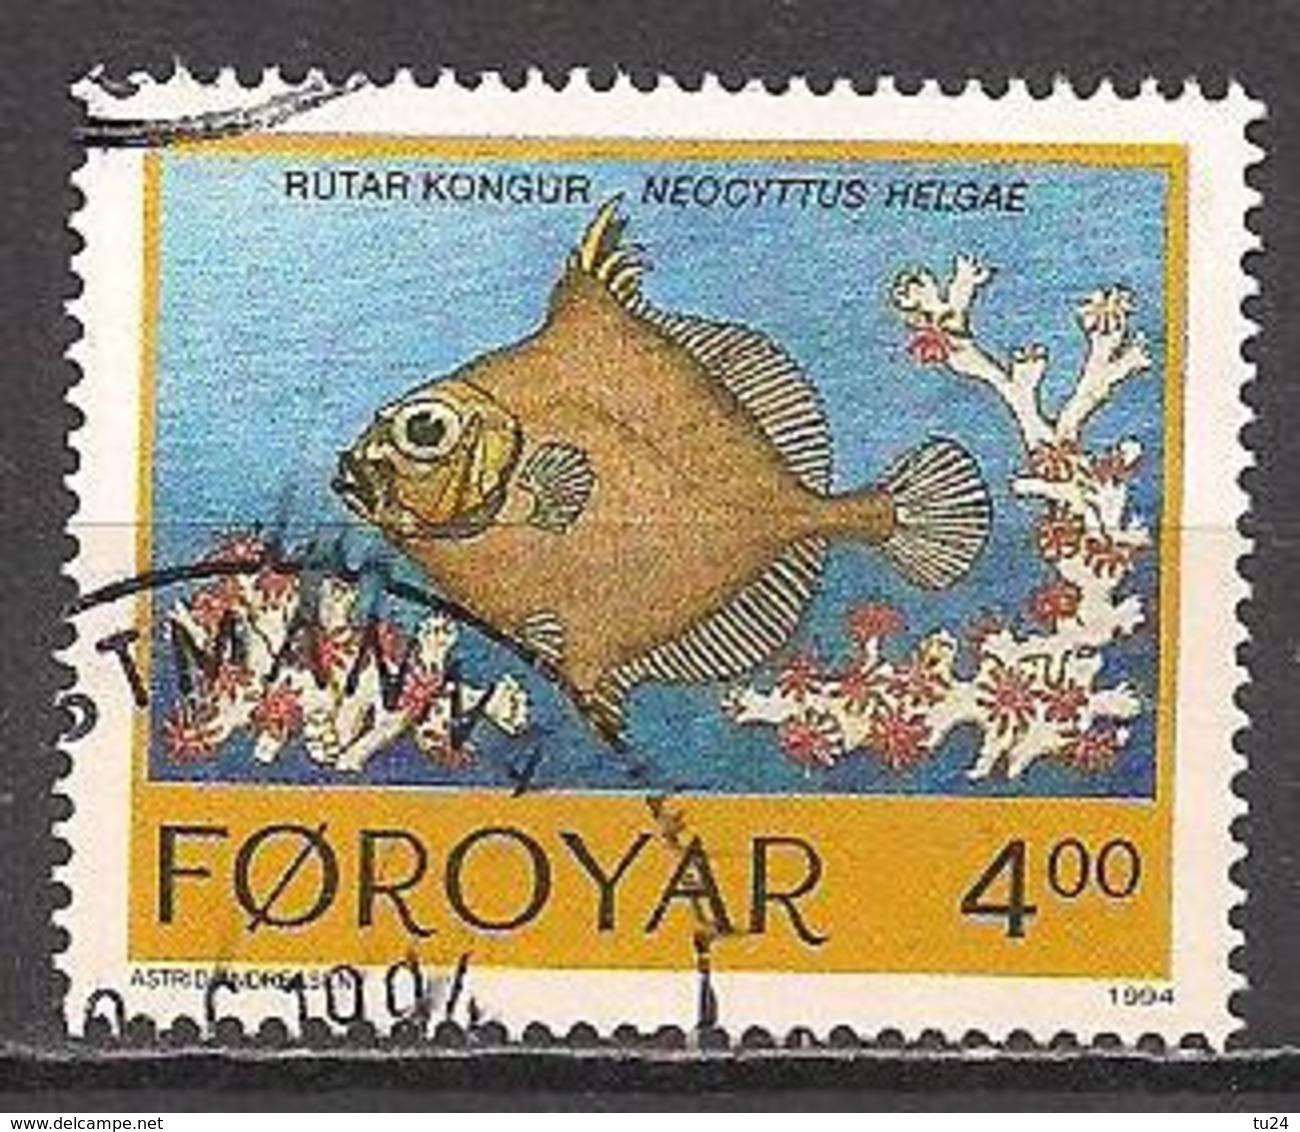 DK - Färöer  (1994)  Mi.Nr.  257  Gest. / Used  (4fj18) - Färöer Inseln